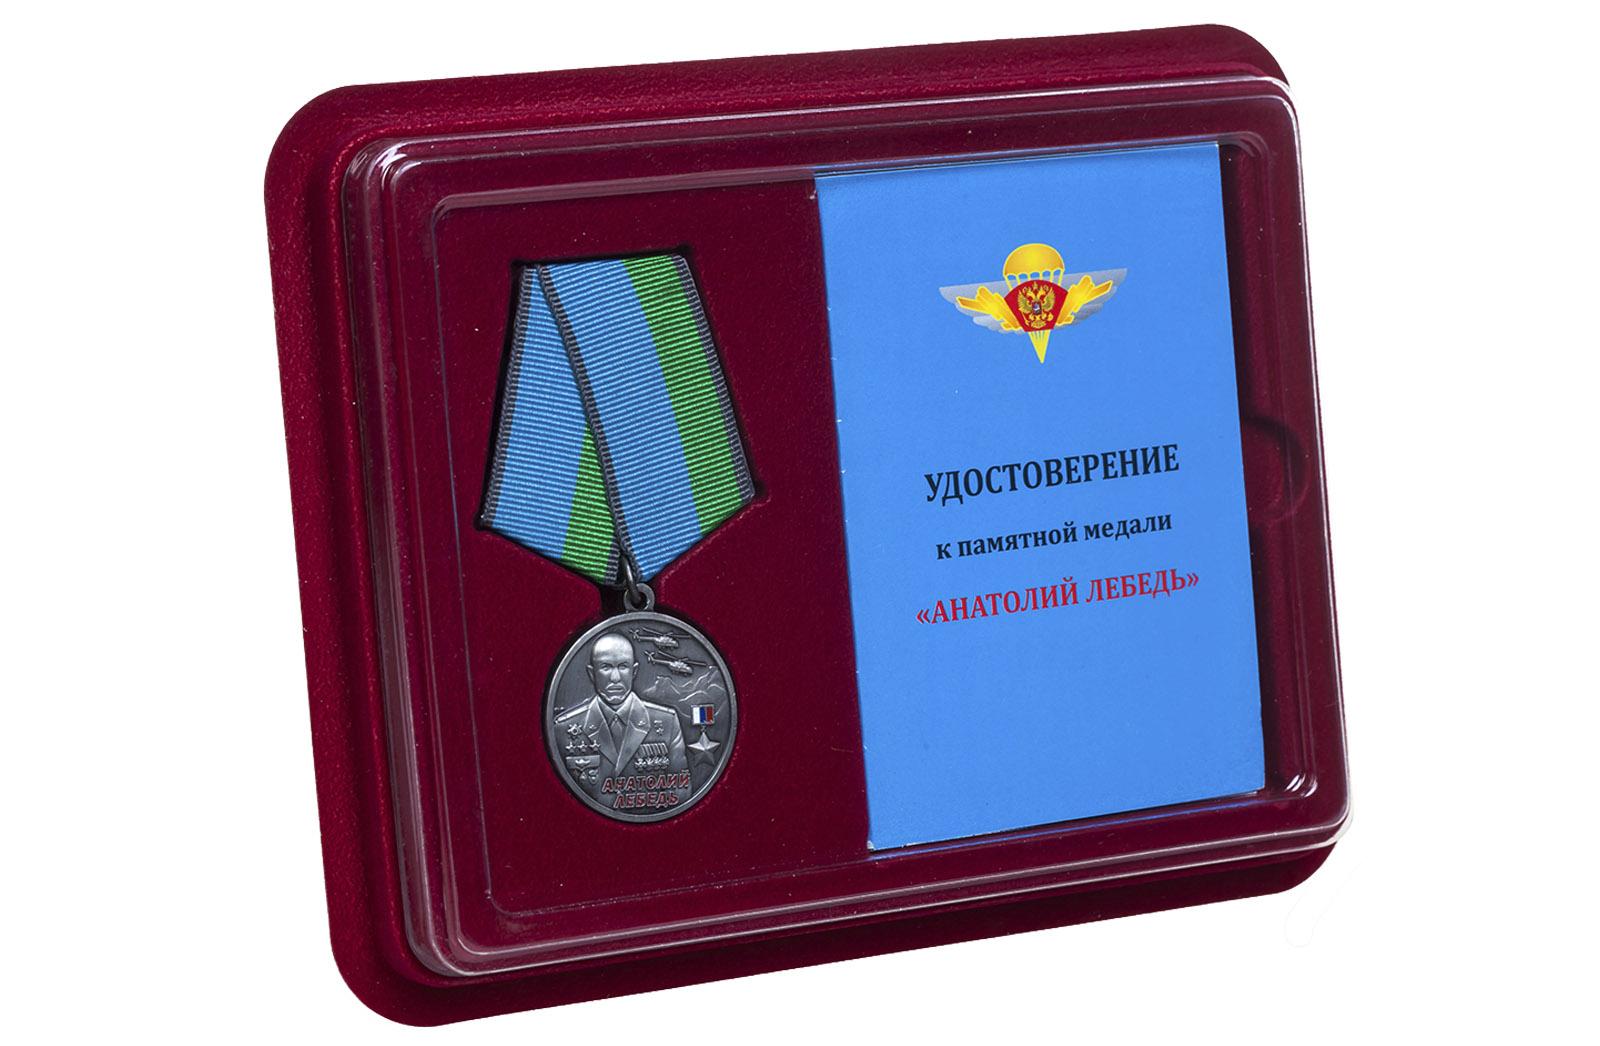 Купить медаль ВДВ Анатолий Лебедь в футляре с удостоверением онлайн